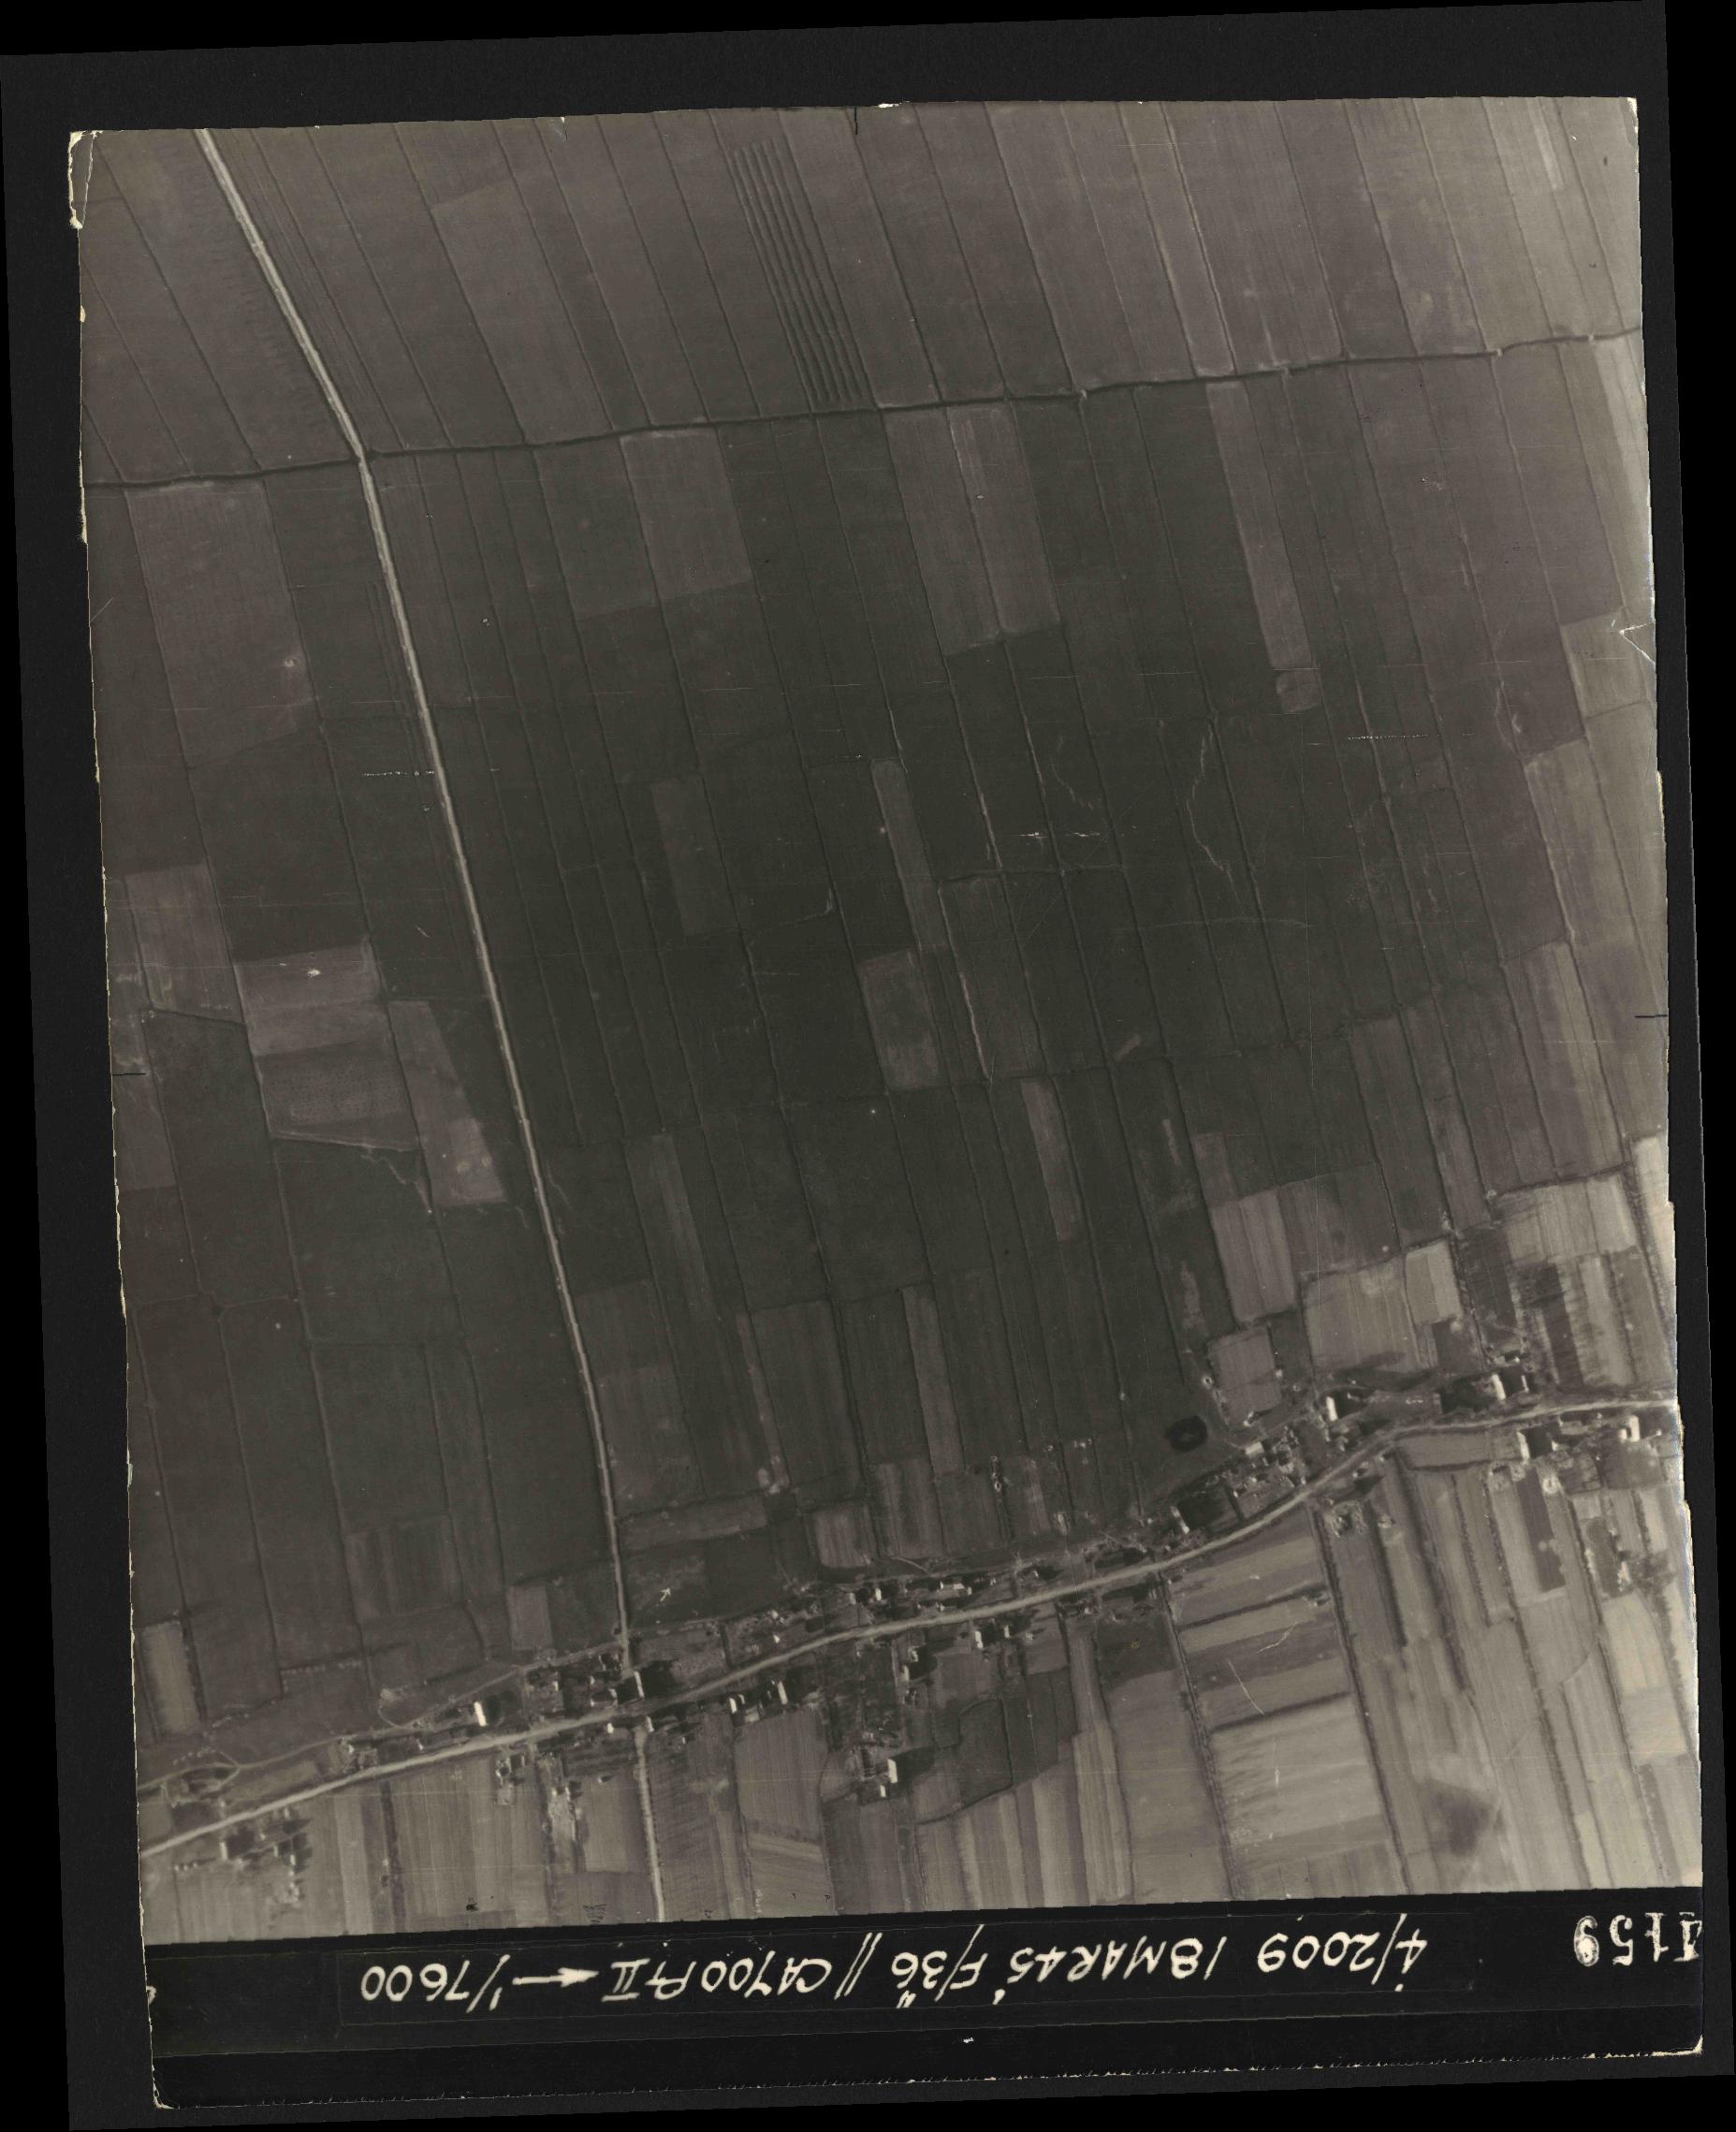 Collection RAF aerial photos 1940-1945 - flight 017, run 09, photo 4159